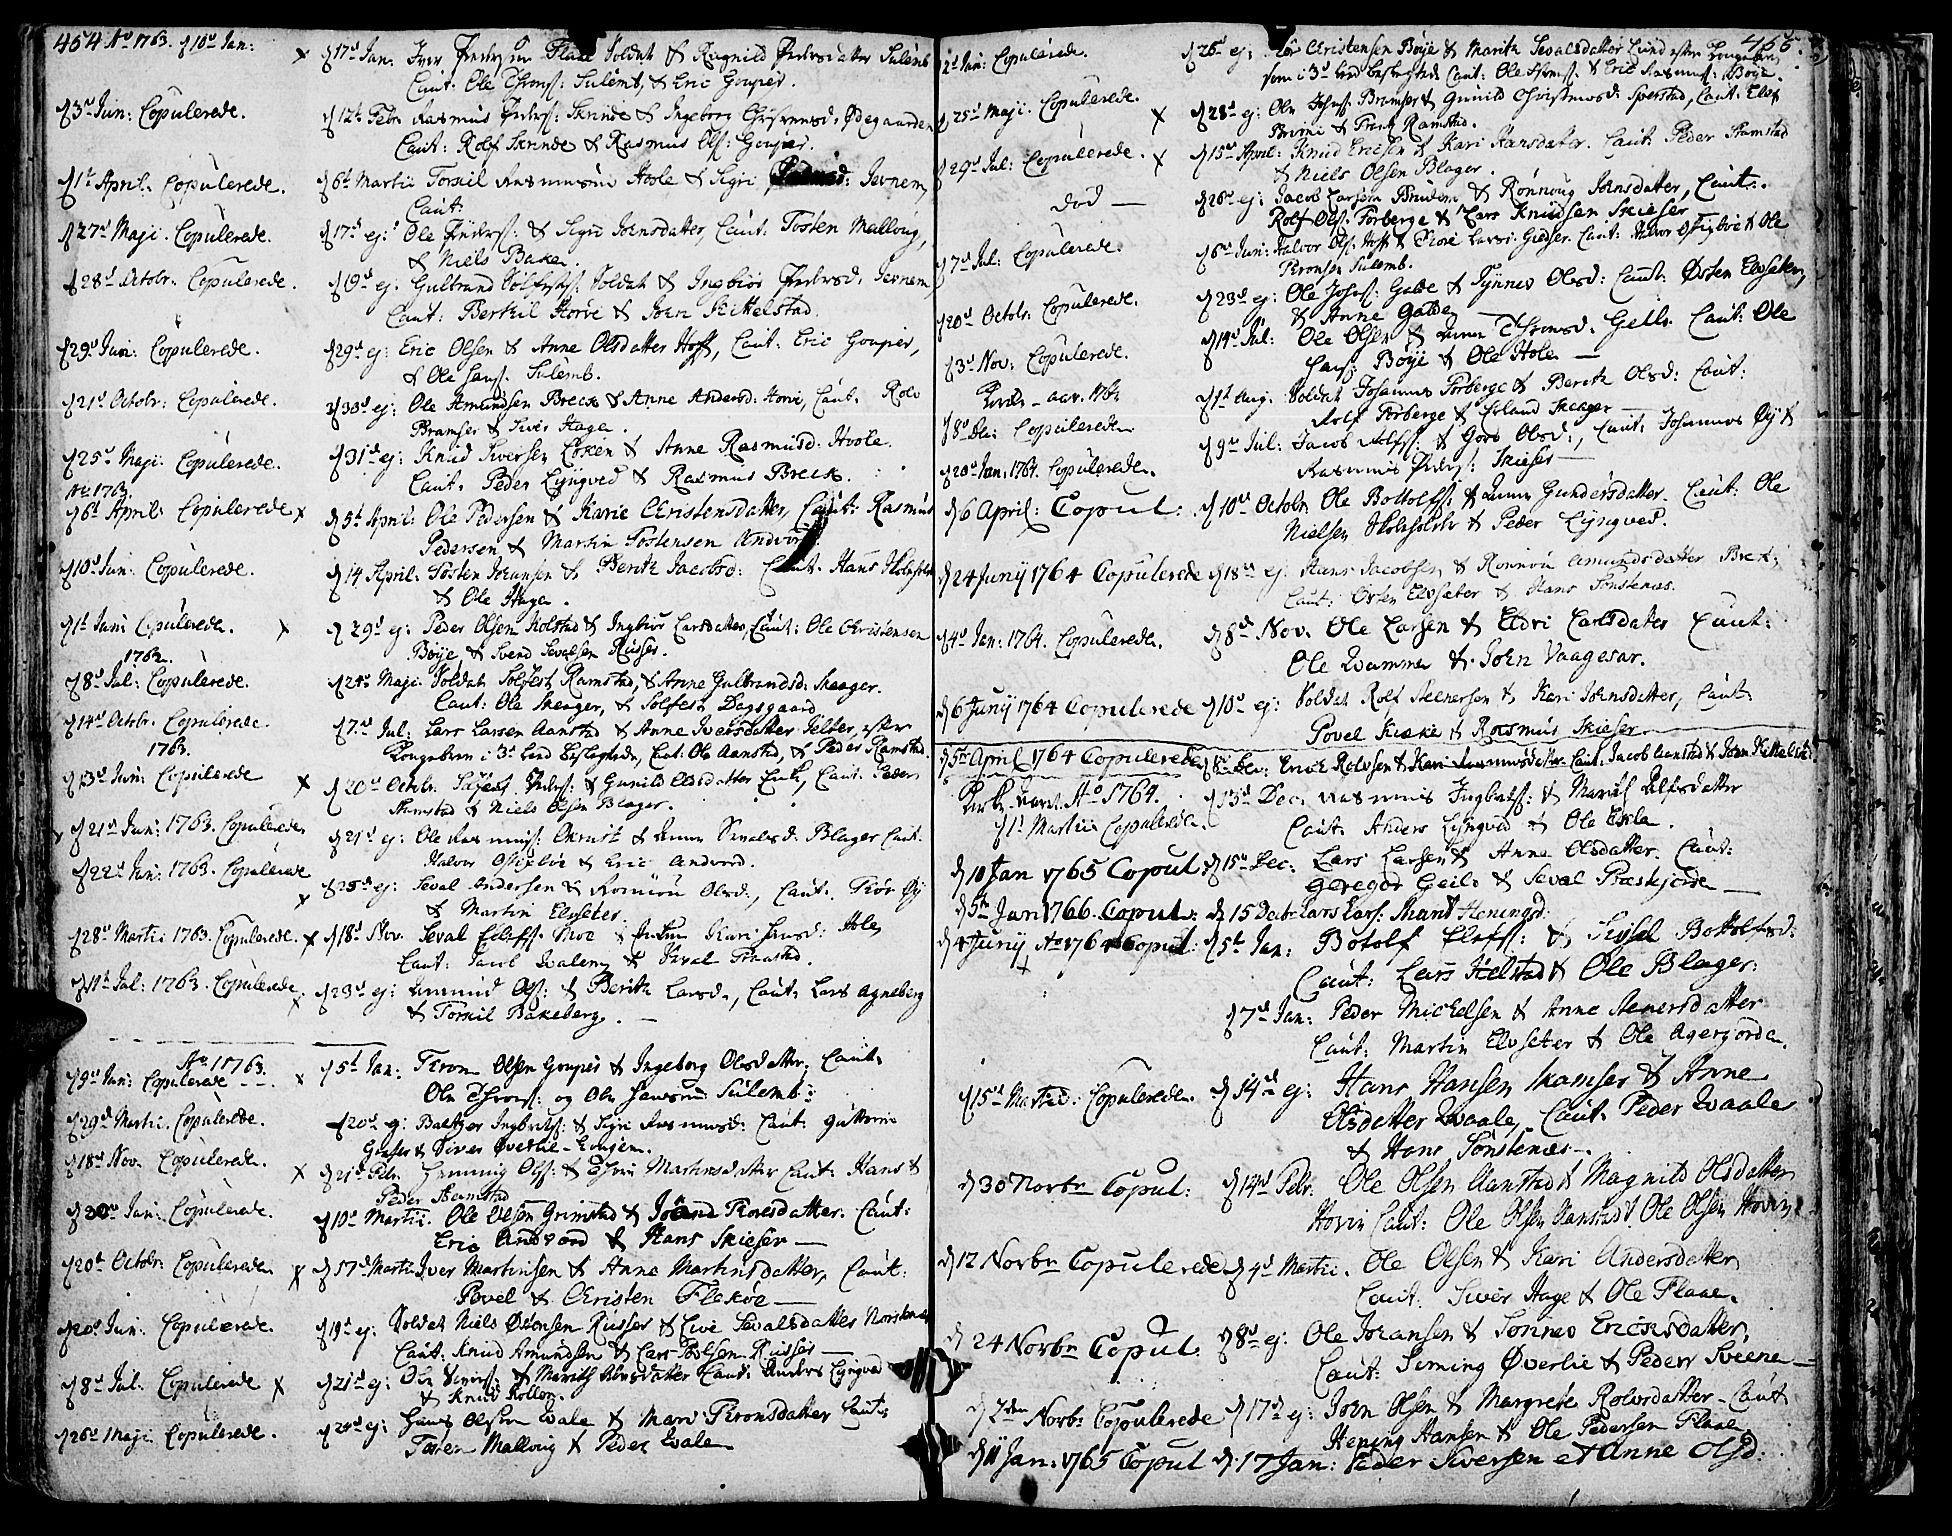 SAH, Lom prestekontor, K/L0002: Ministerialbok nr. 2, 1749-1801, s. 454-455